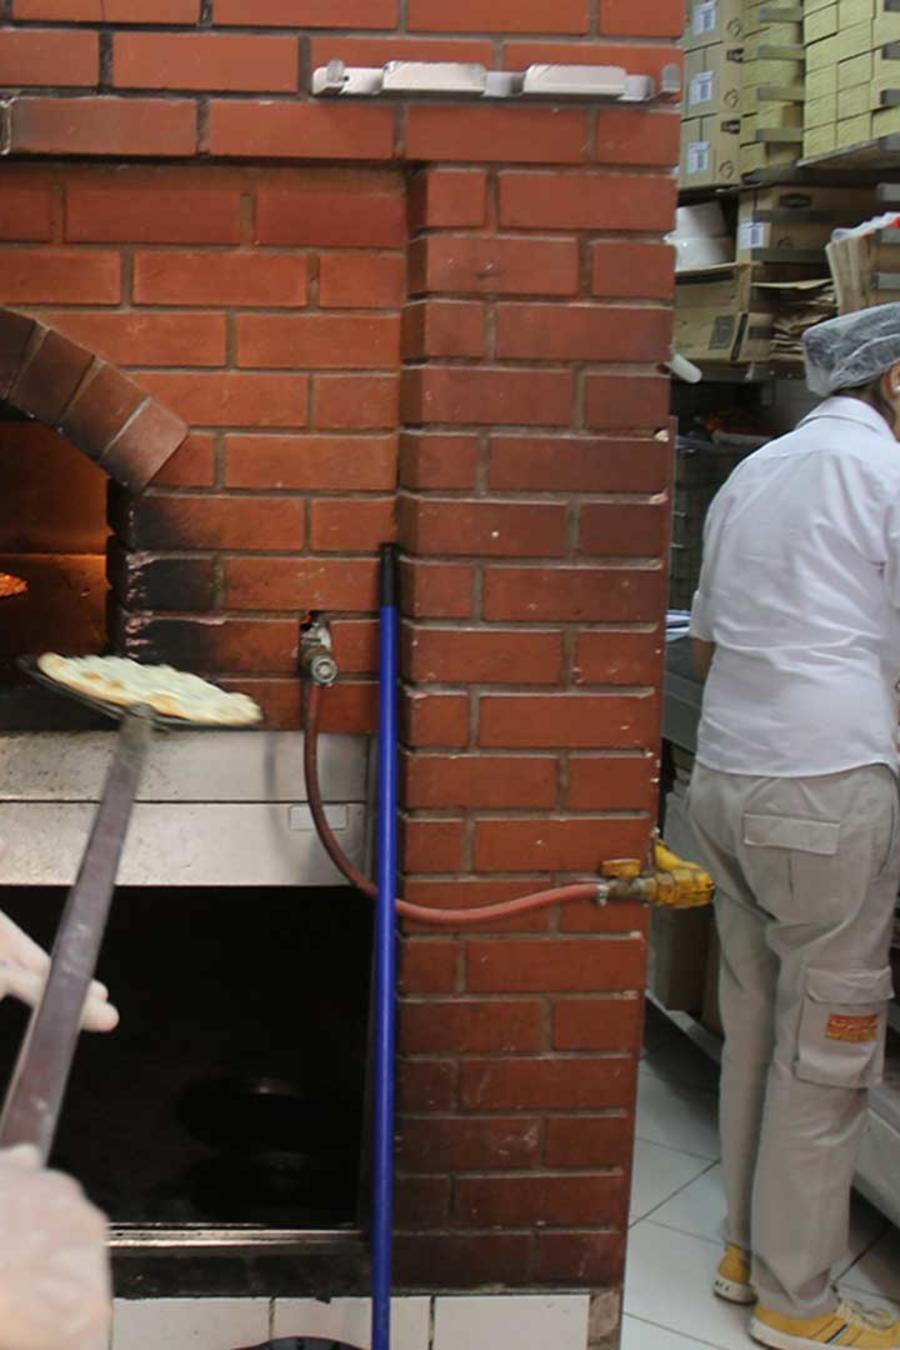 Foto de archivo: Empleados trabajan en la cocina de un restaurante